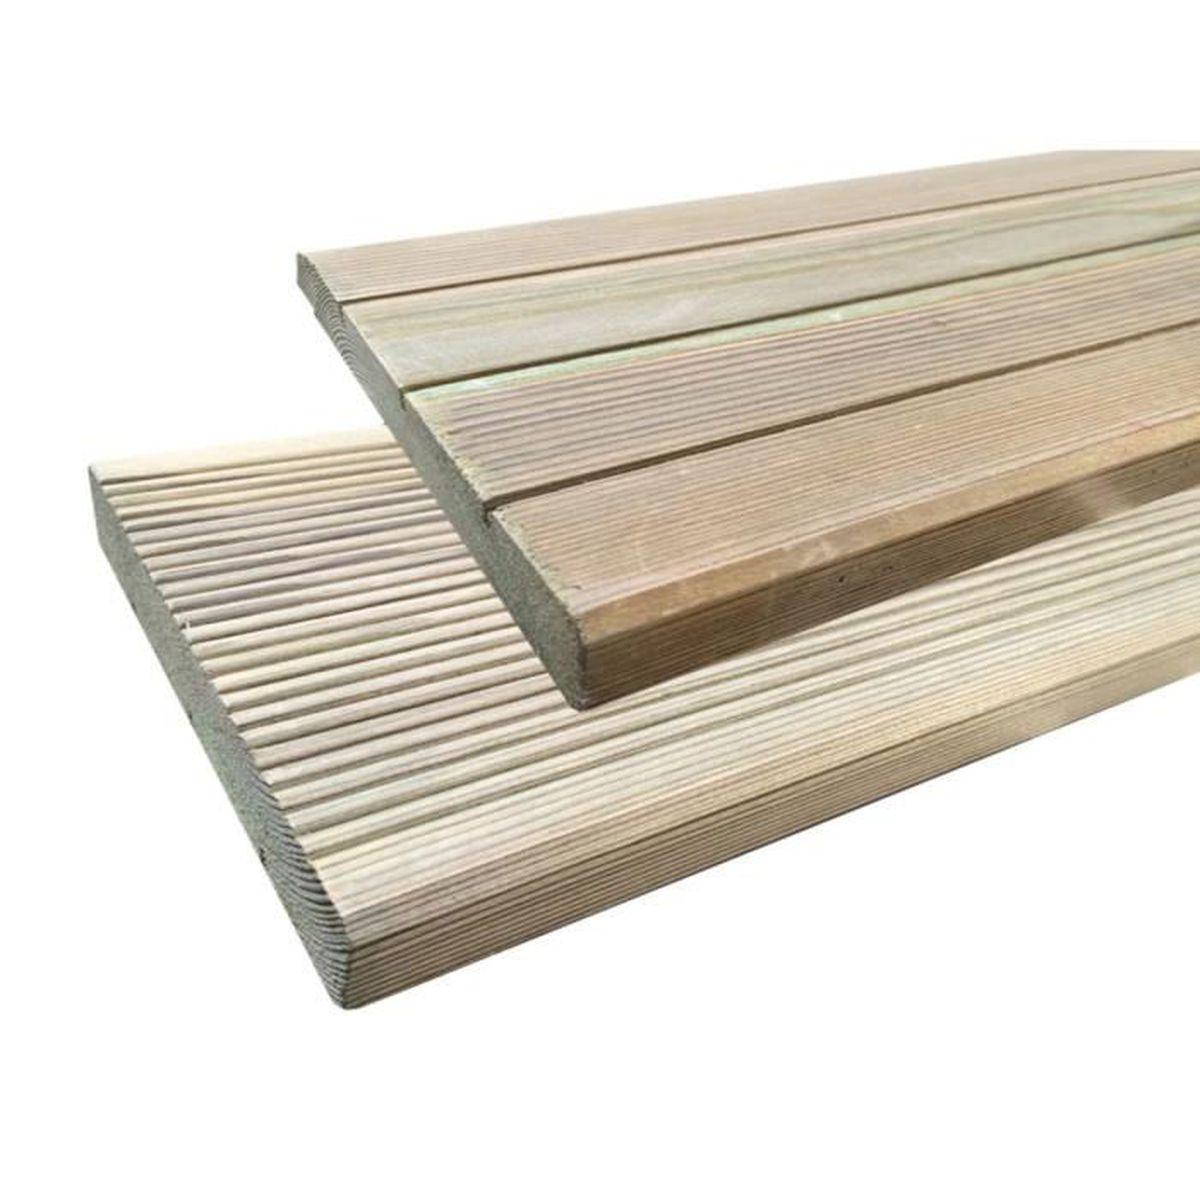 Lames De Terrasse Bois lames de terrasse en bois autoclave - 15.24 m²